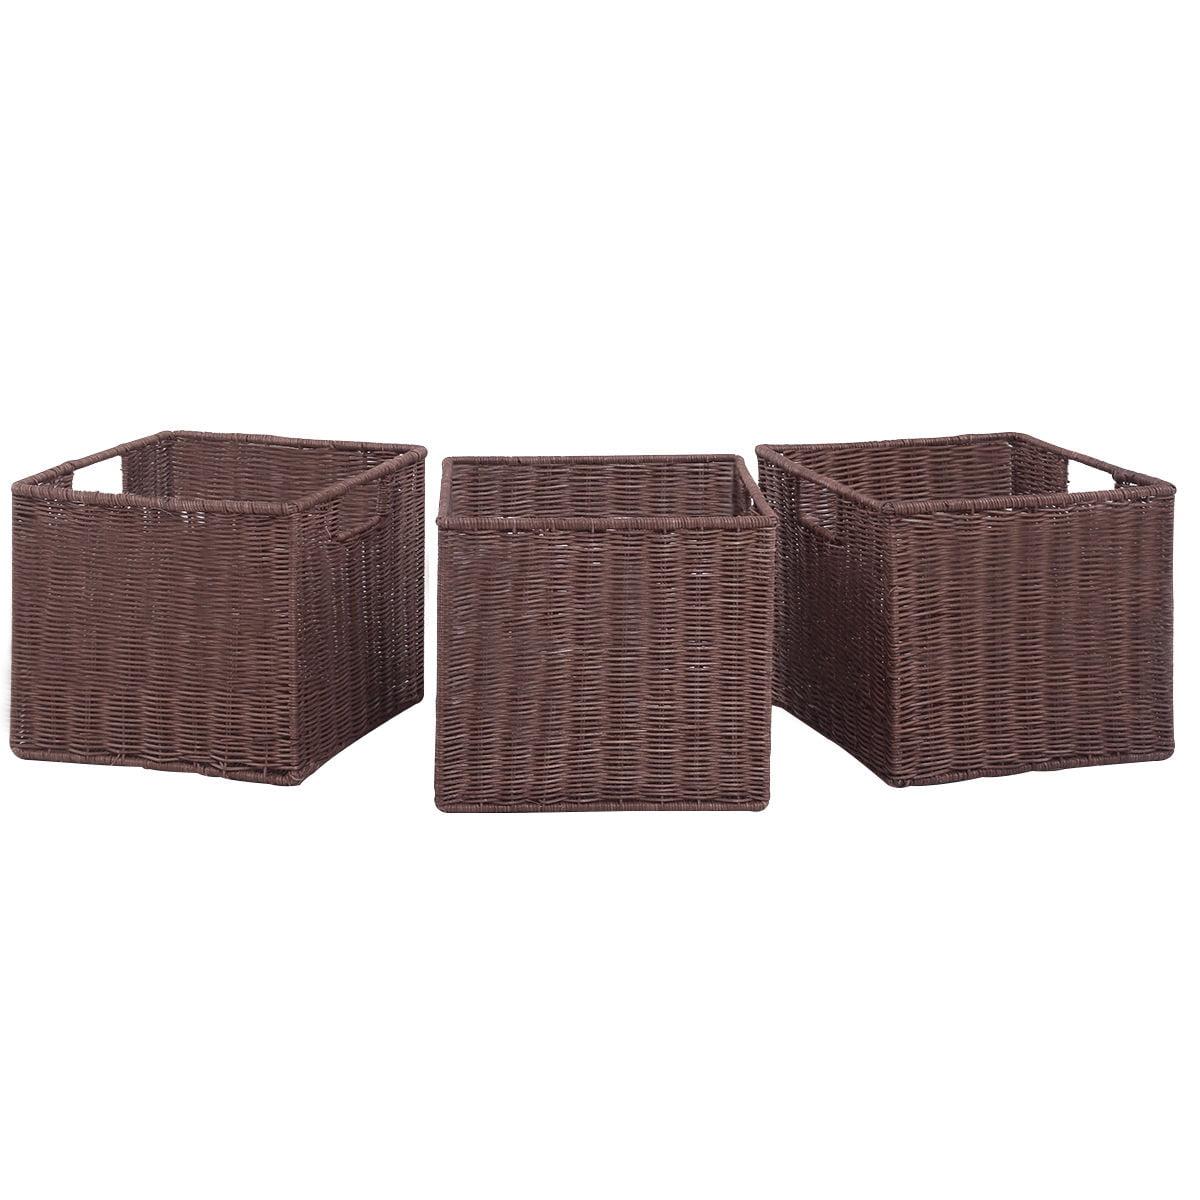 Gymax Set of 3 Wicker Rattan Storage Baskets Nest Nesting Cube Bin Box by Gymax